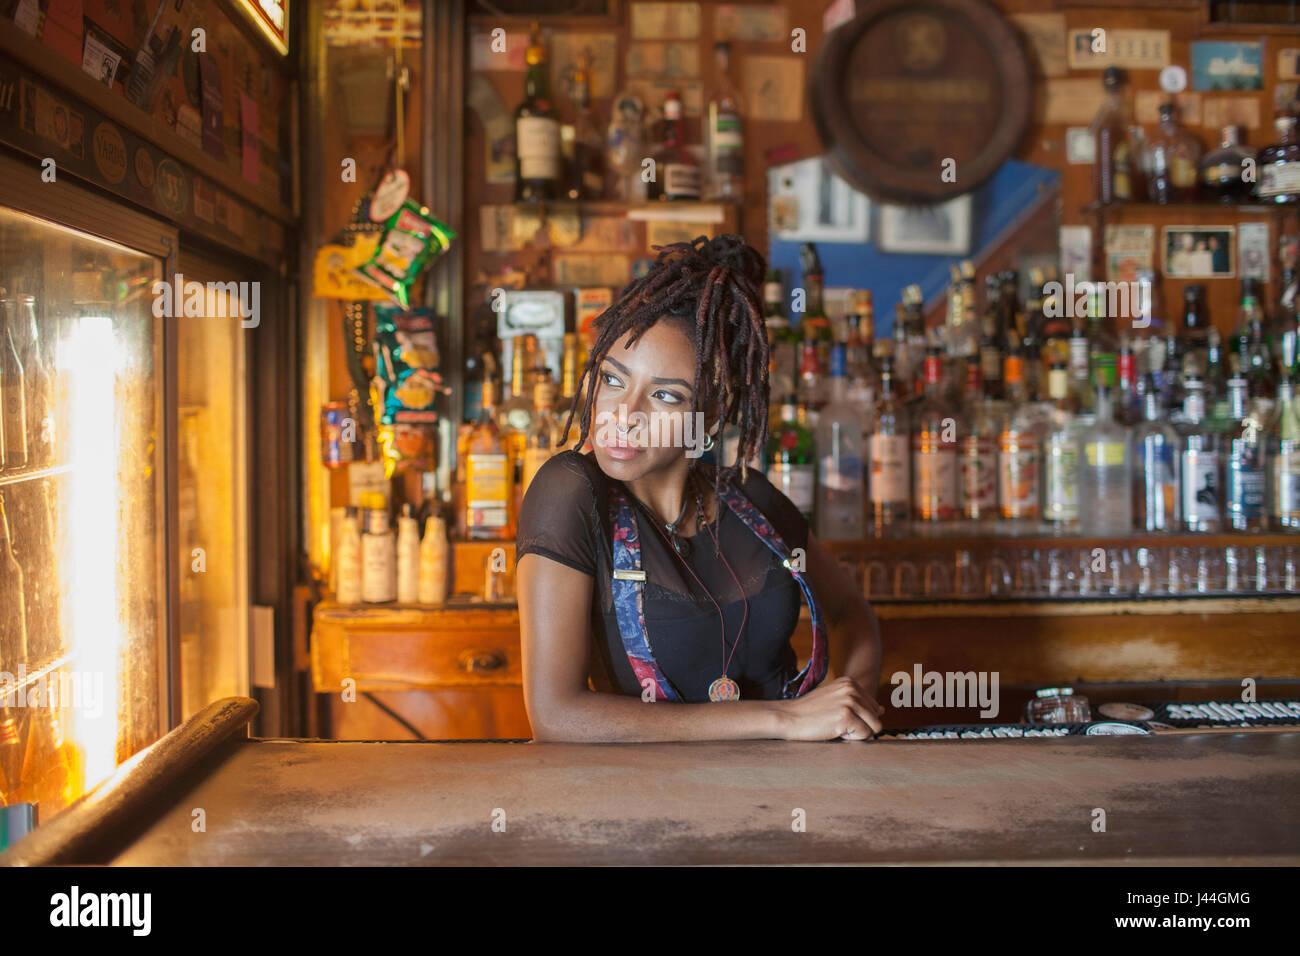 Una giovane donna in un bar. Immagini Stock